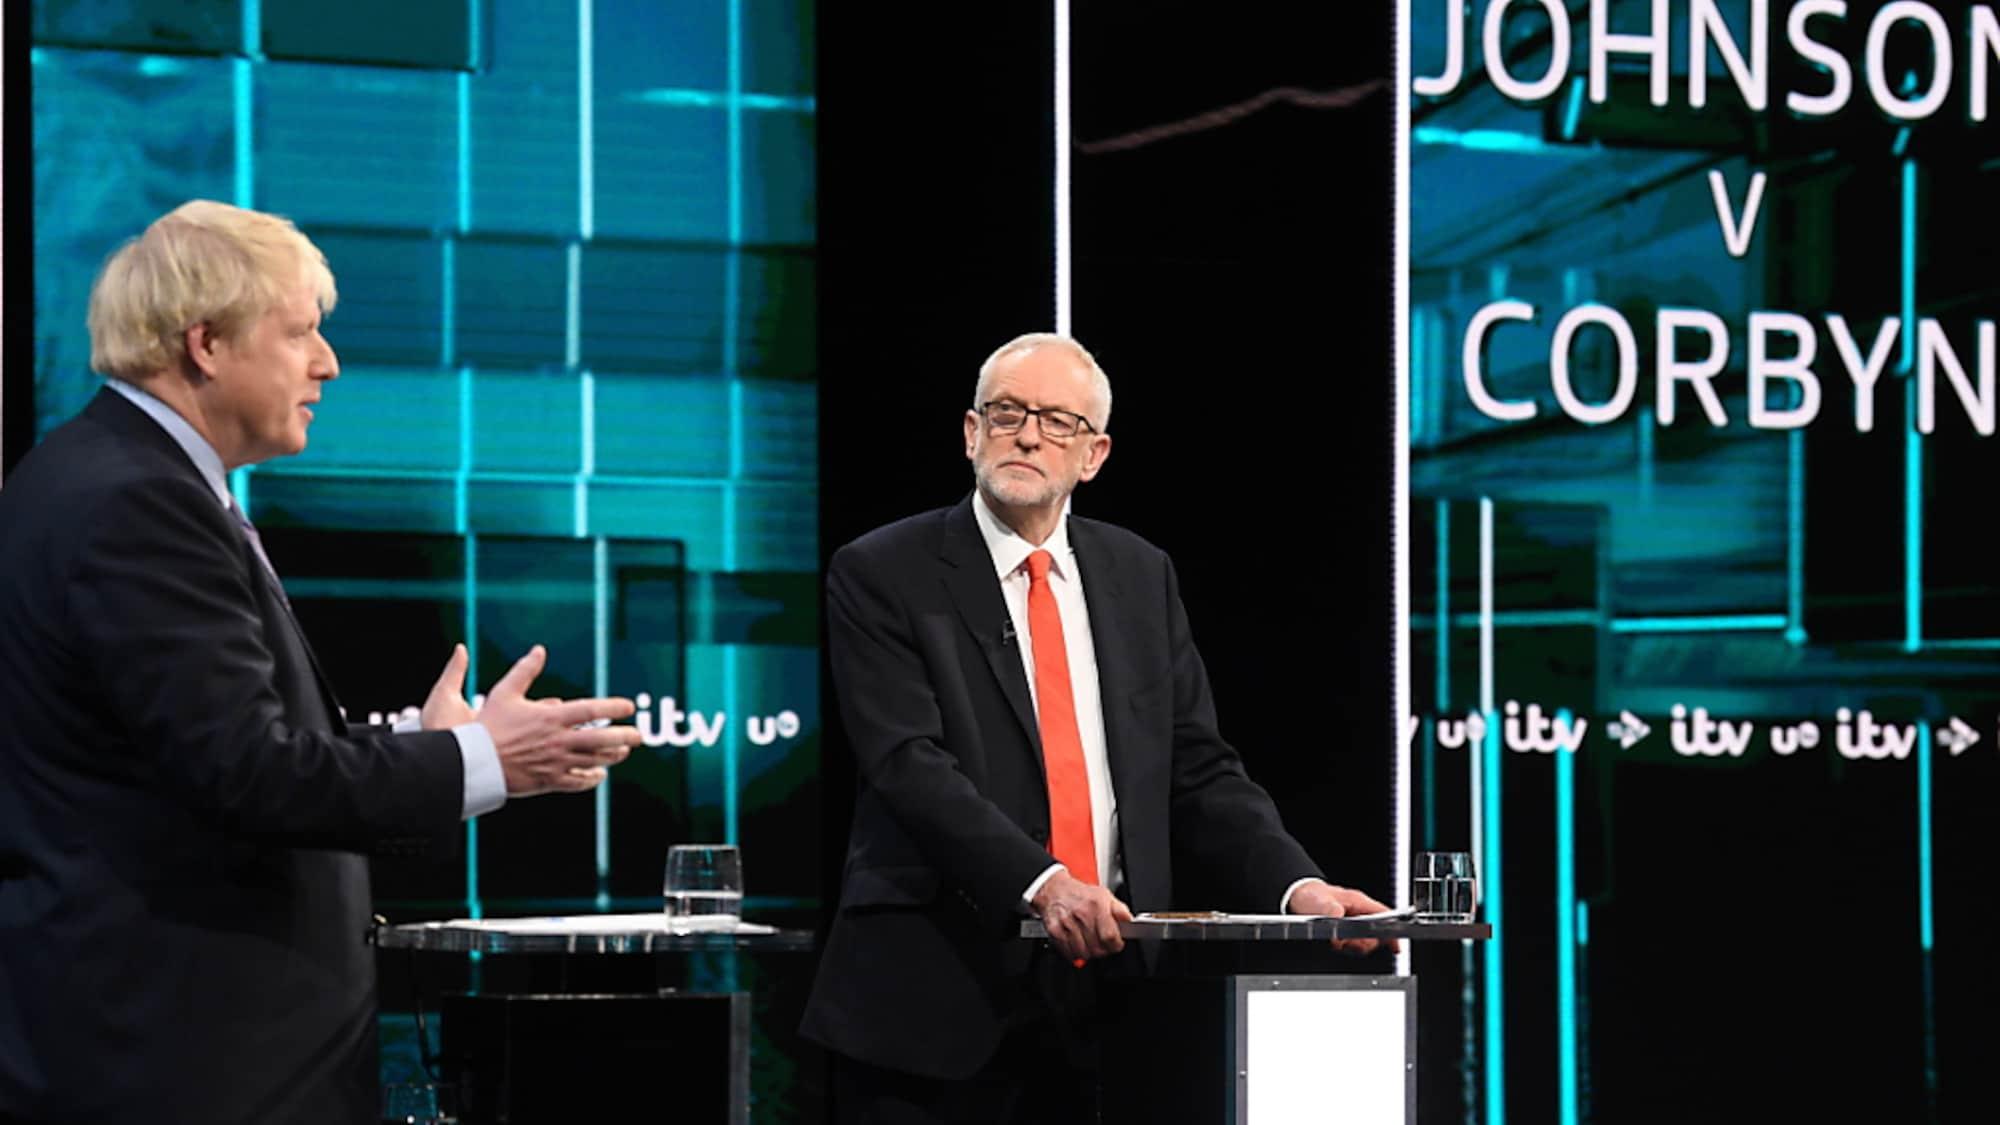 Grossbritannien: Wahldebatte Johnson-Corbyn - Handschlag und Schlagabtausch